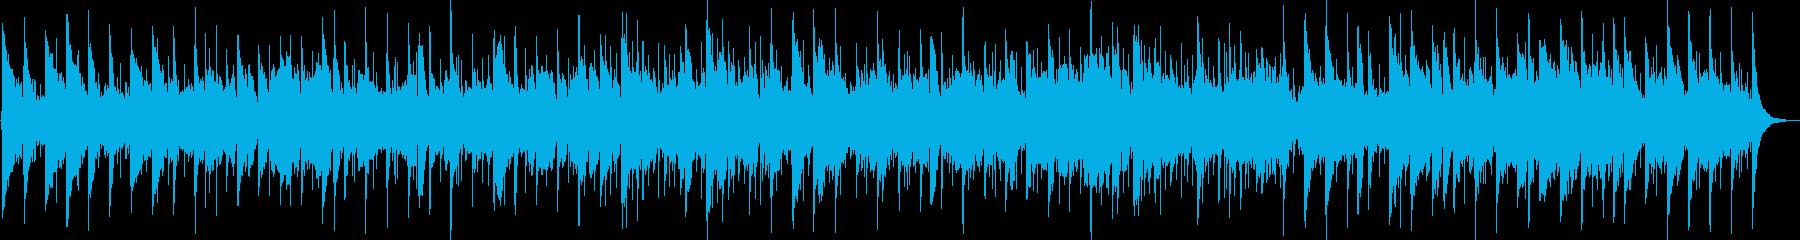 回想、想い出シーンにあうPOPバラードの再生済みの波形